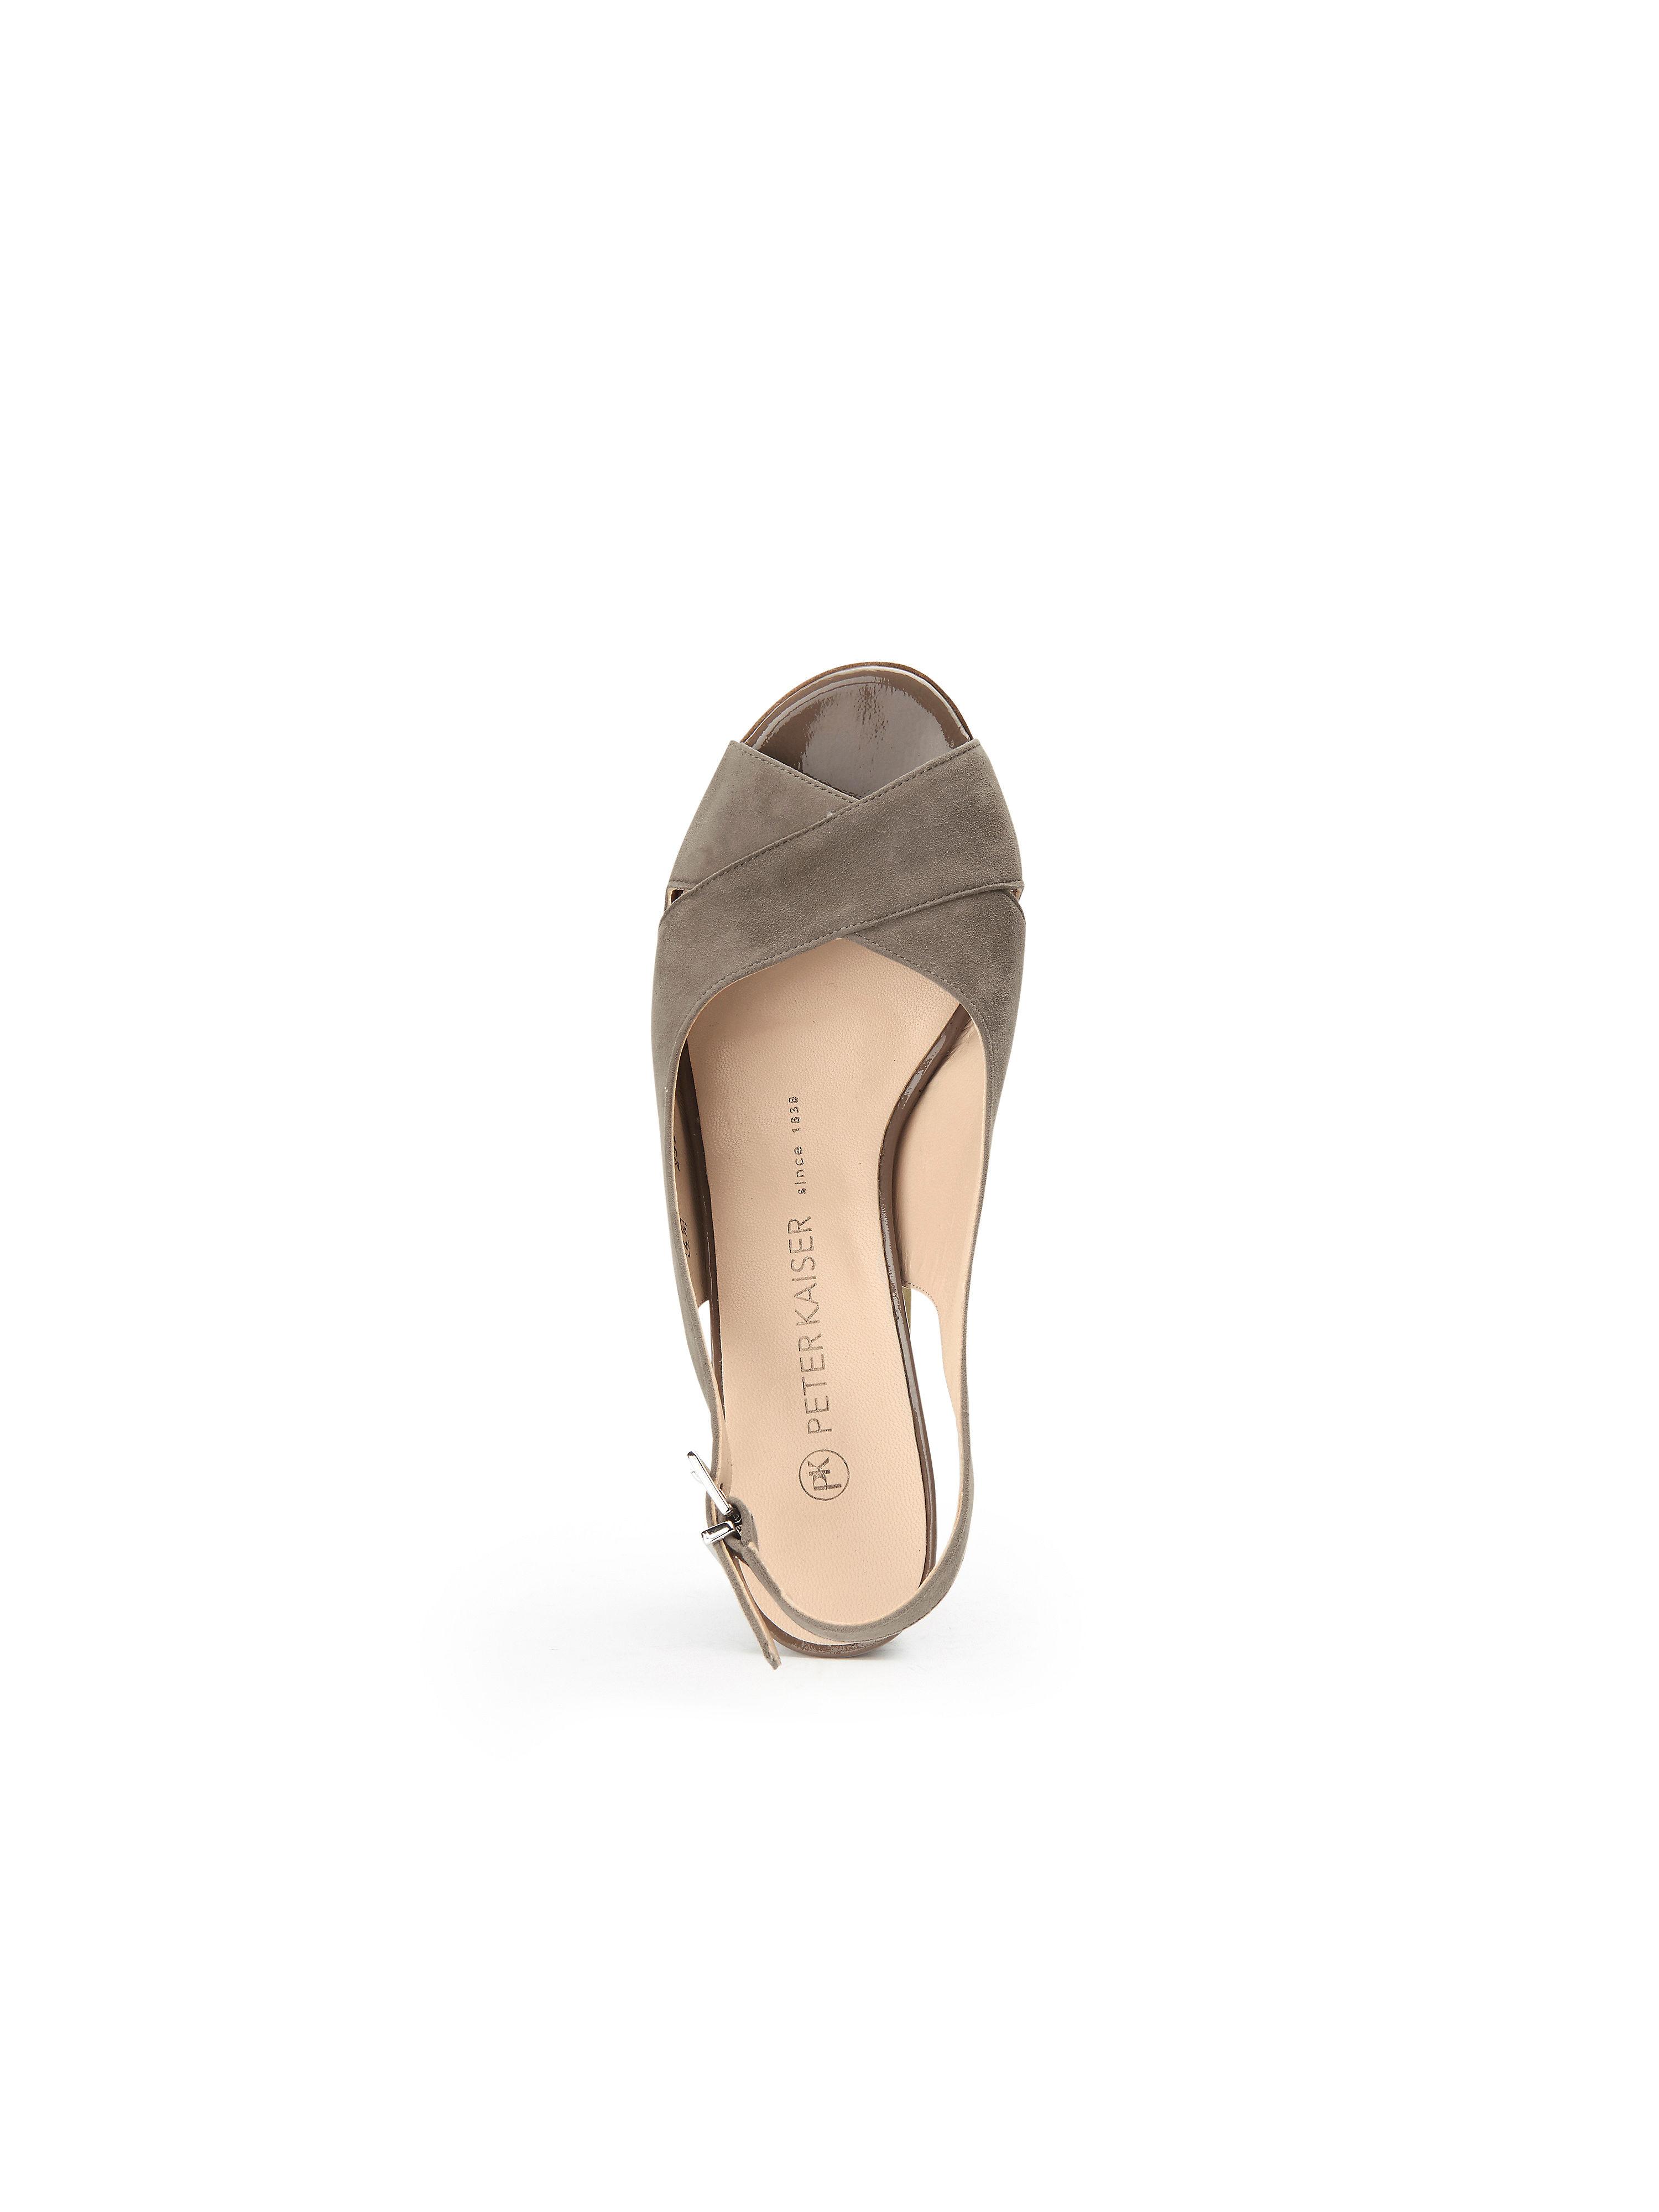 Peter Kaiser - Sandale Pilia Pilia Pilia aus 100% Leder - Taupe Gute Qualität beliebte Schuhe 22f59a